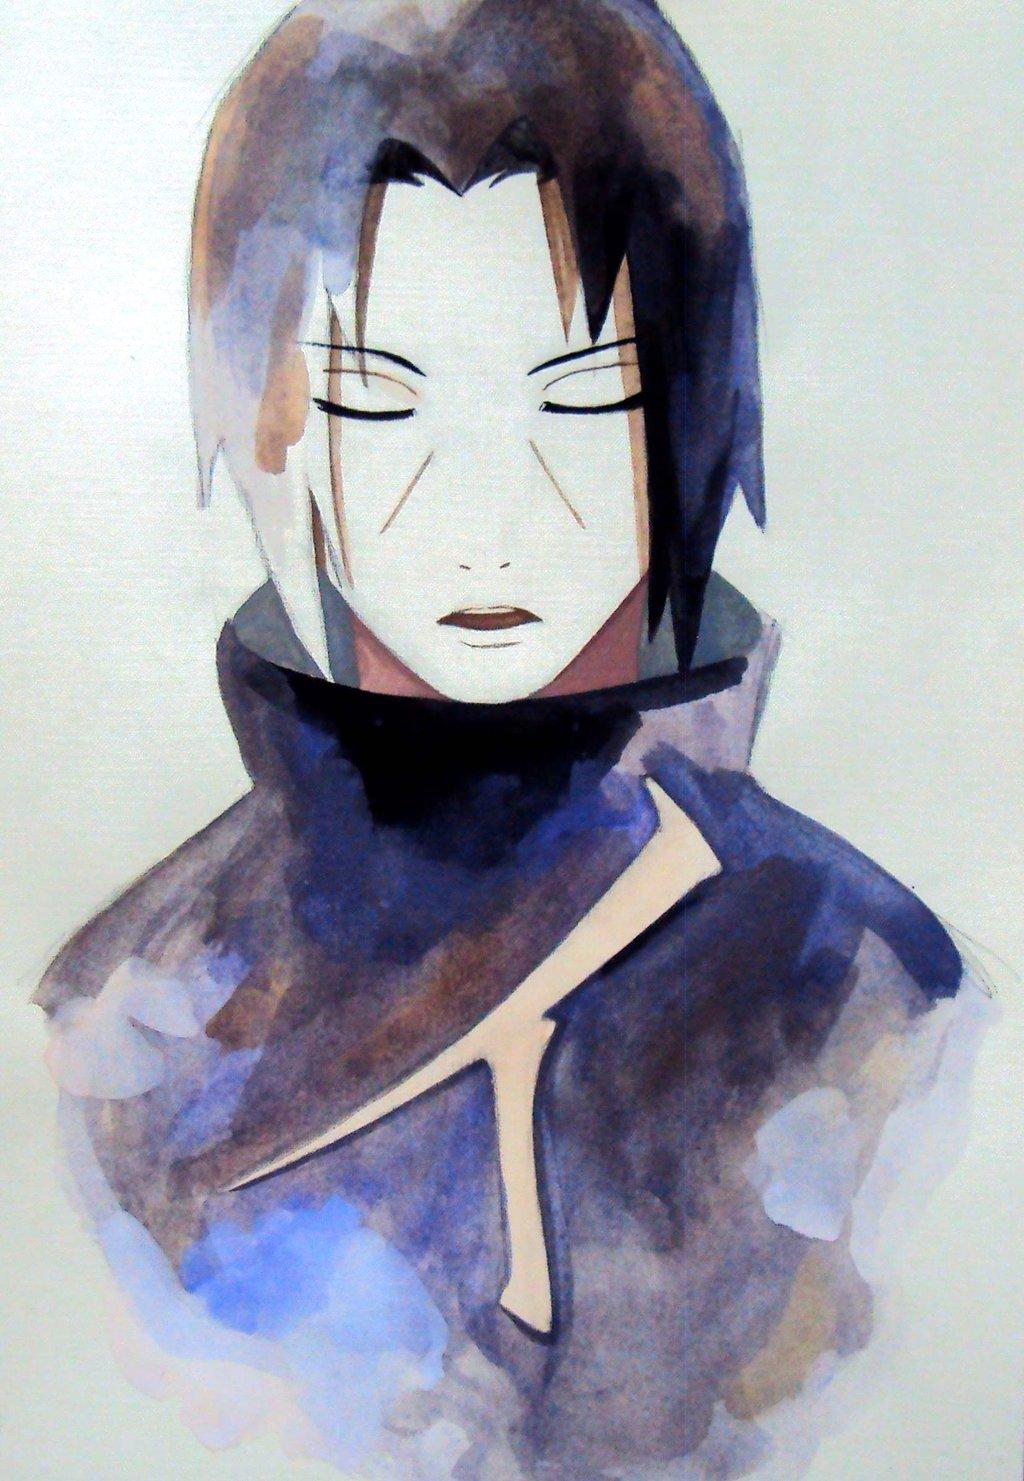 uchiha itachi by demiora daily anime art